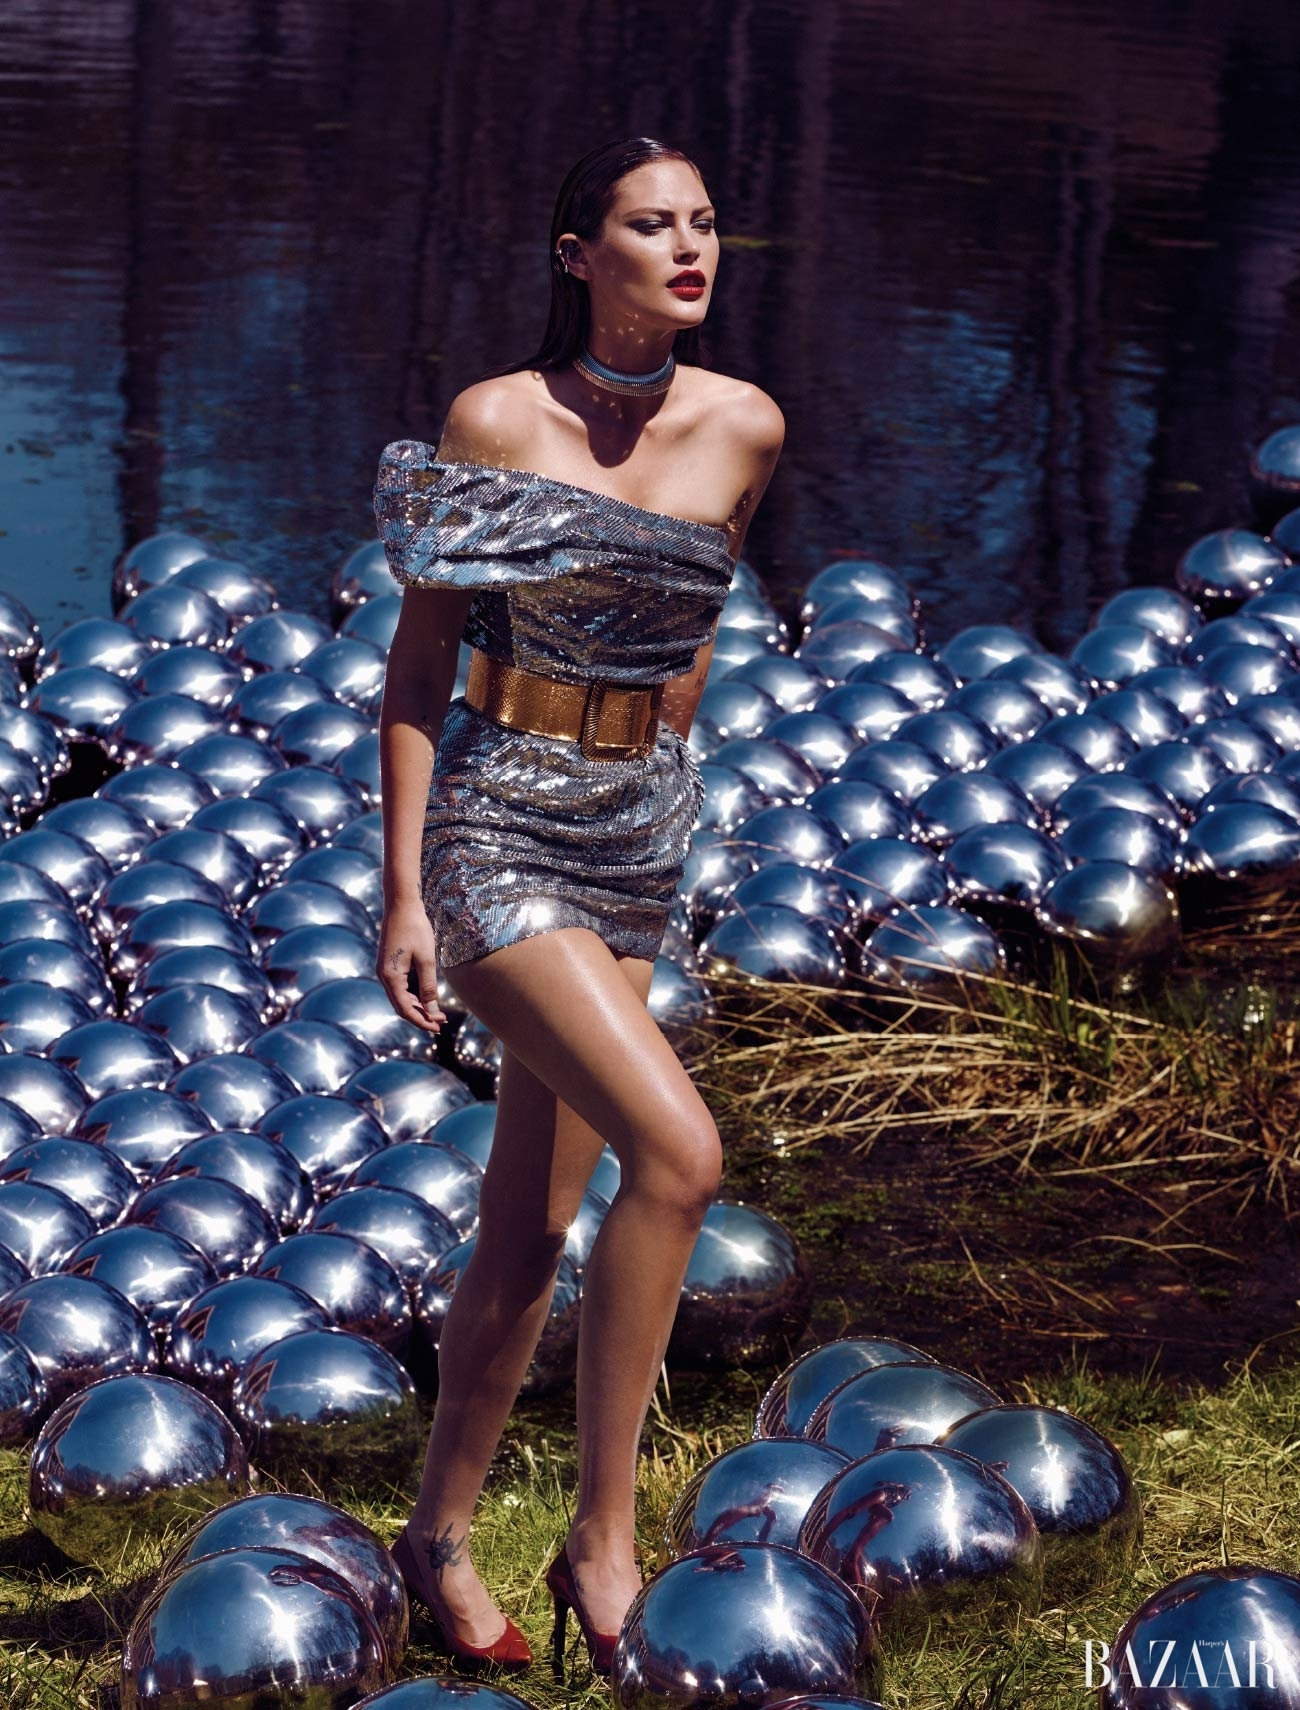 드레스, 목걸이, 벨트,  슈즈는 모두 Saint Laurent 제품.